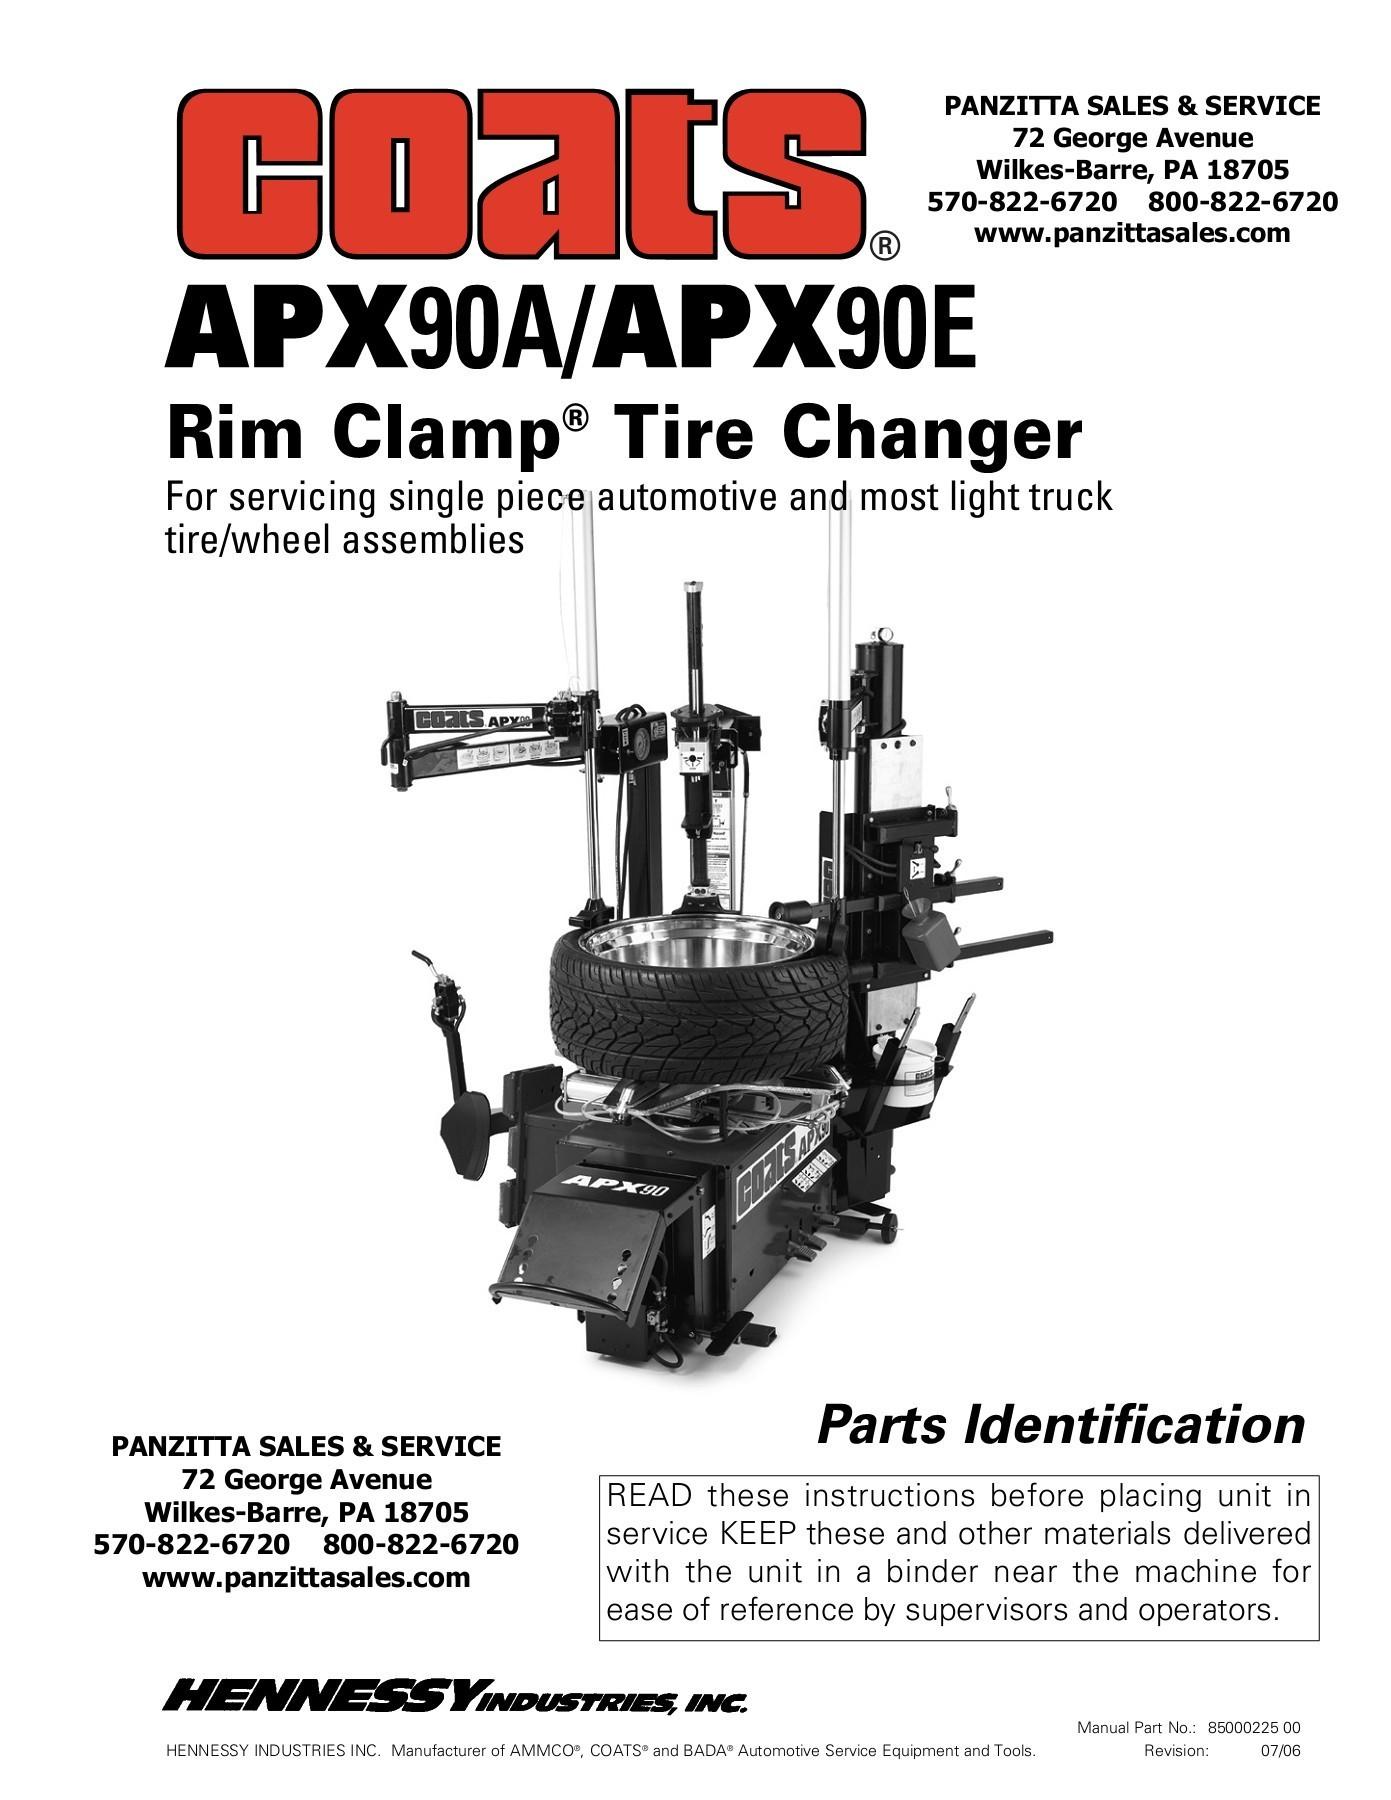 Coats Tire Machine Parts Diagram Rim Clamp Tire Changer Panzitta Enterprises Pages 1 25 Text Of Coats Tire Machine Parts Diagram